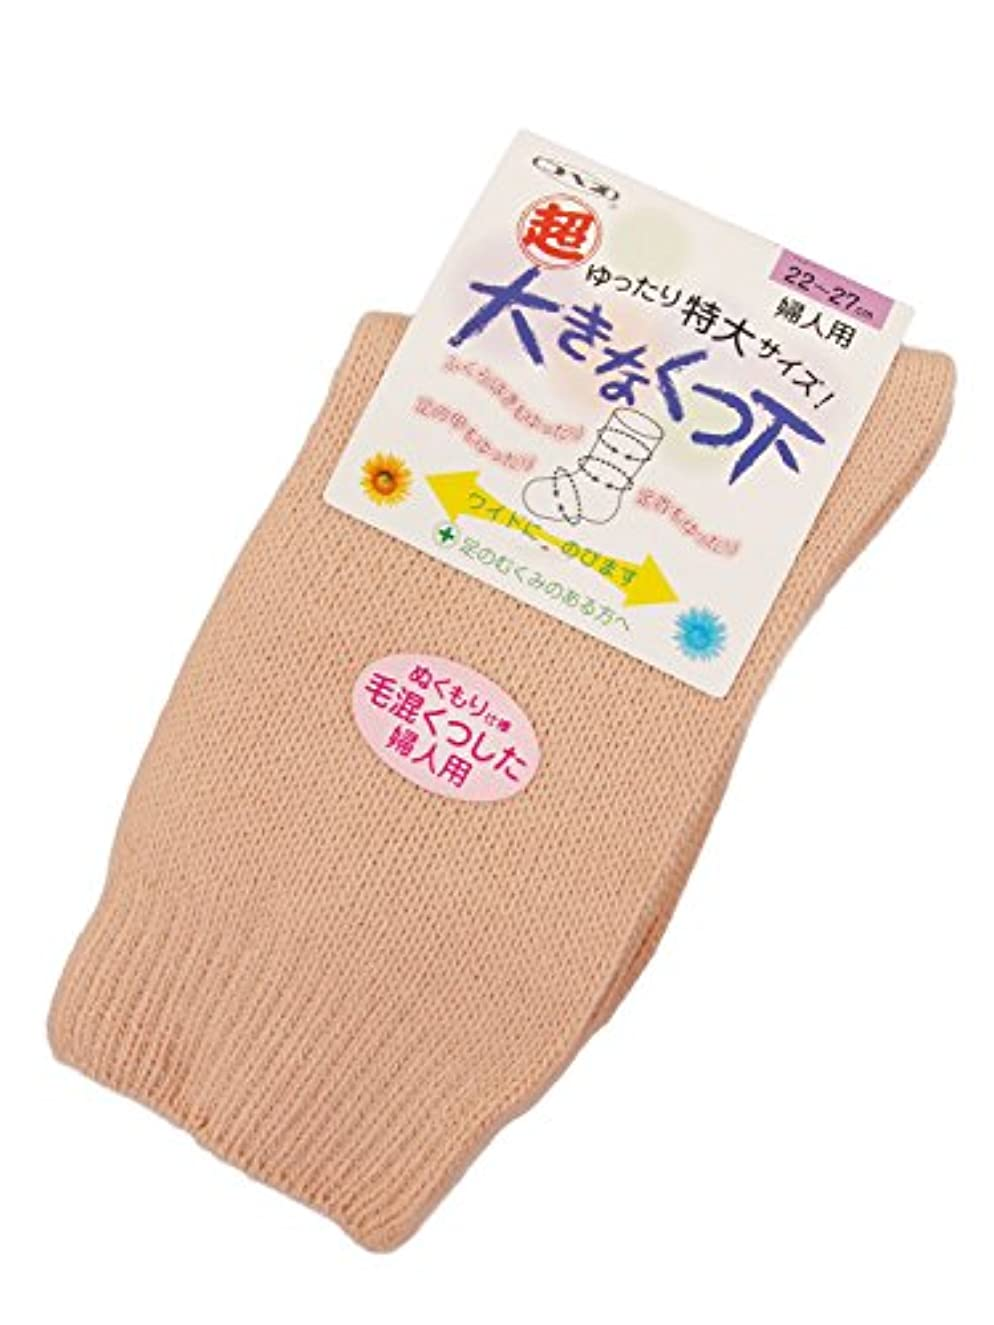 狐スタジアムポール神戸生絲 婦人超ゆったり特大サイズ大きなくつ下毛混 ピンク 22-27cm